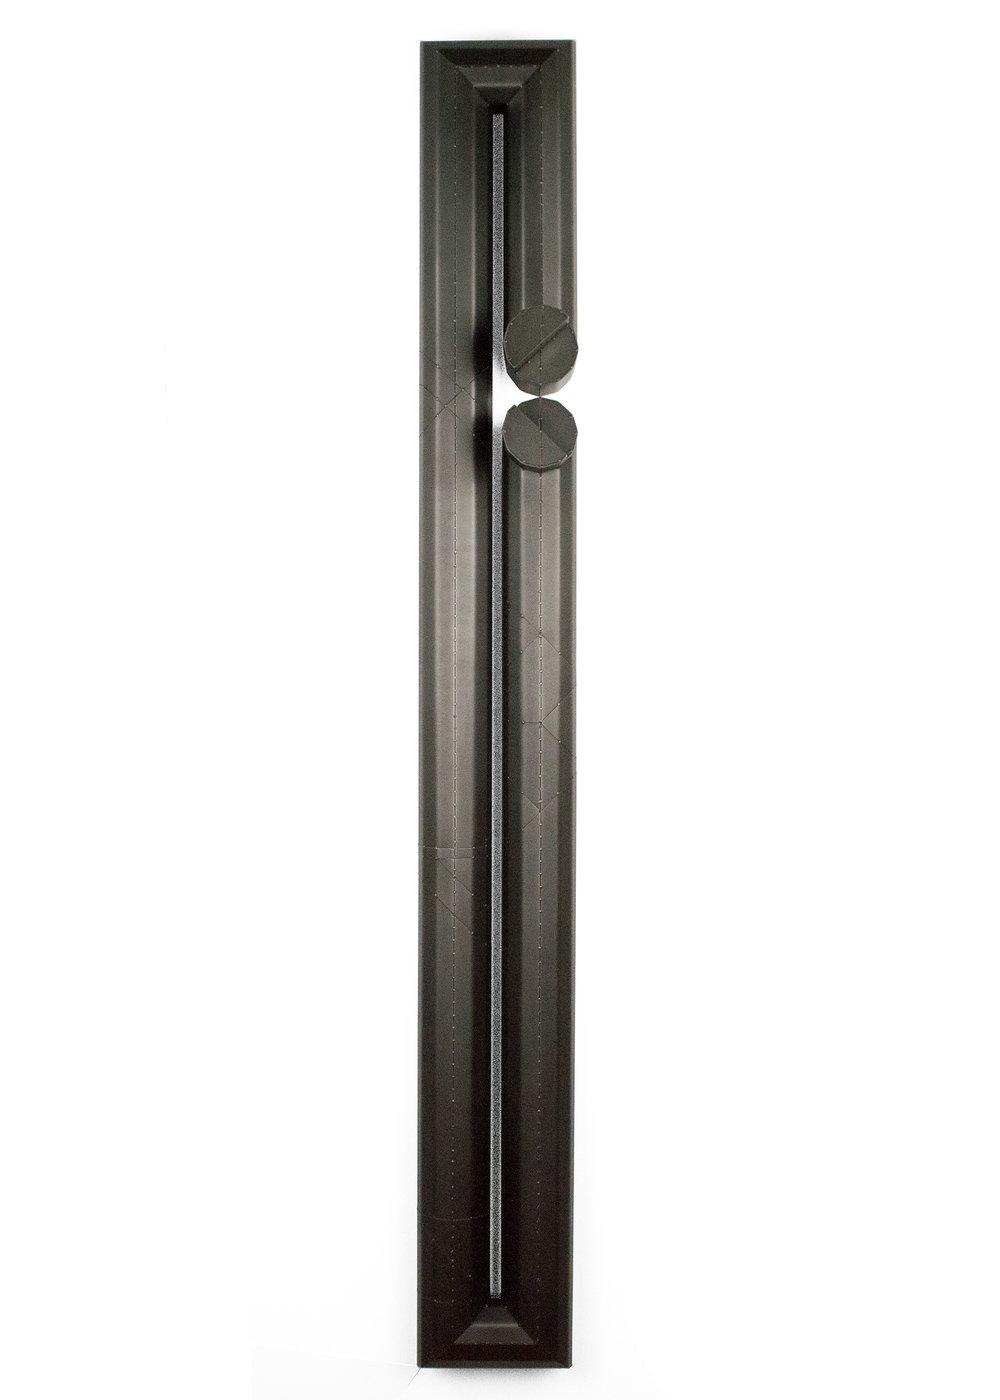 Long  54.5 x 6.5 x 5 in 3,200 blackened steel